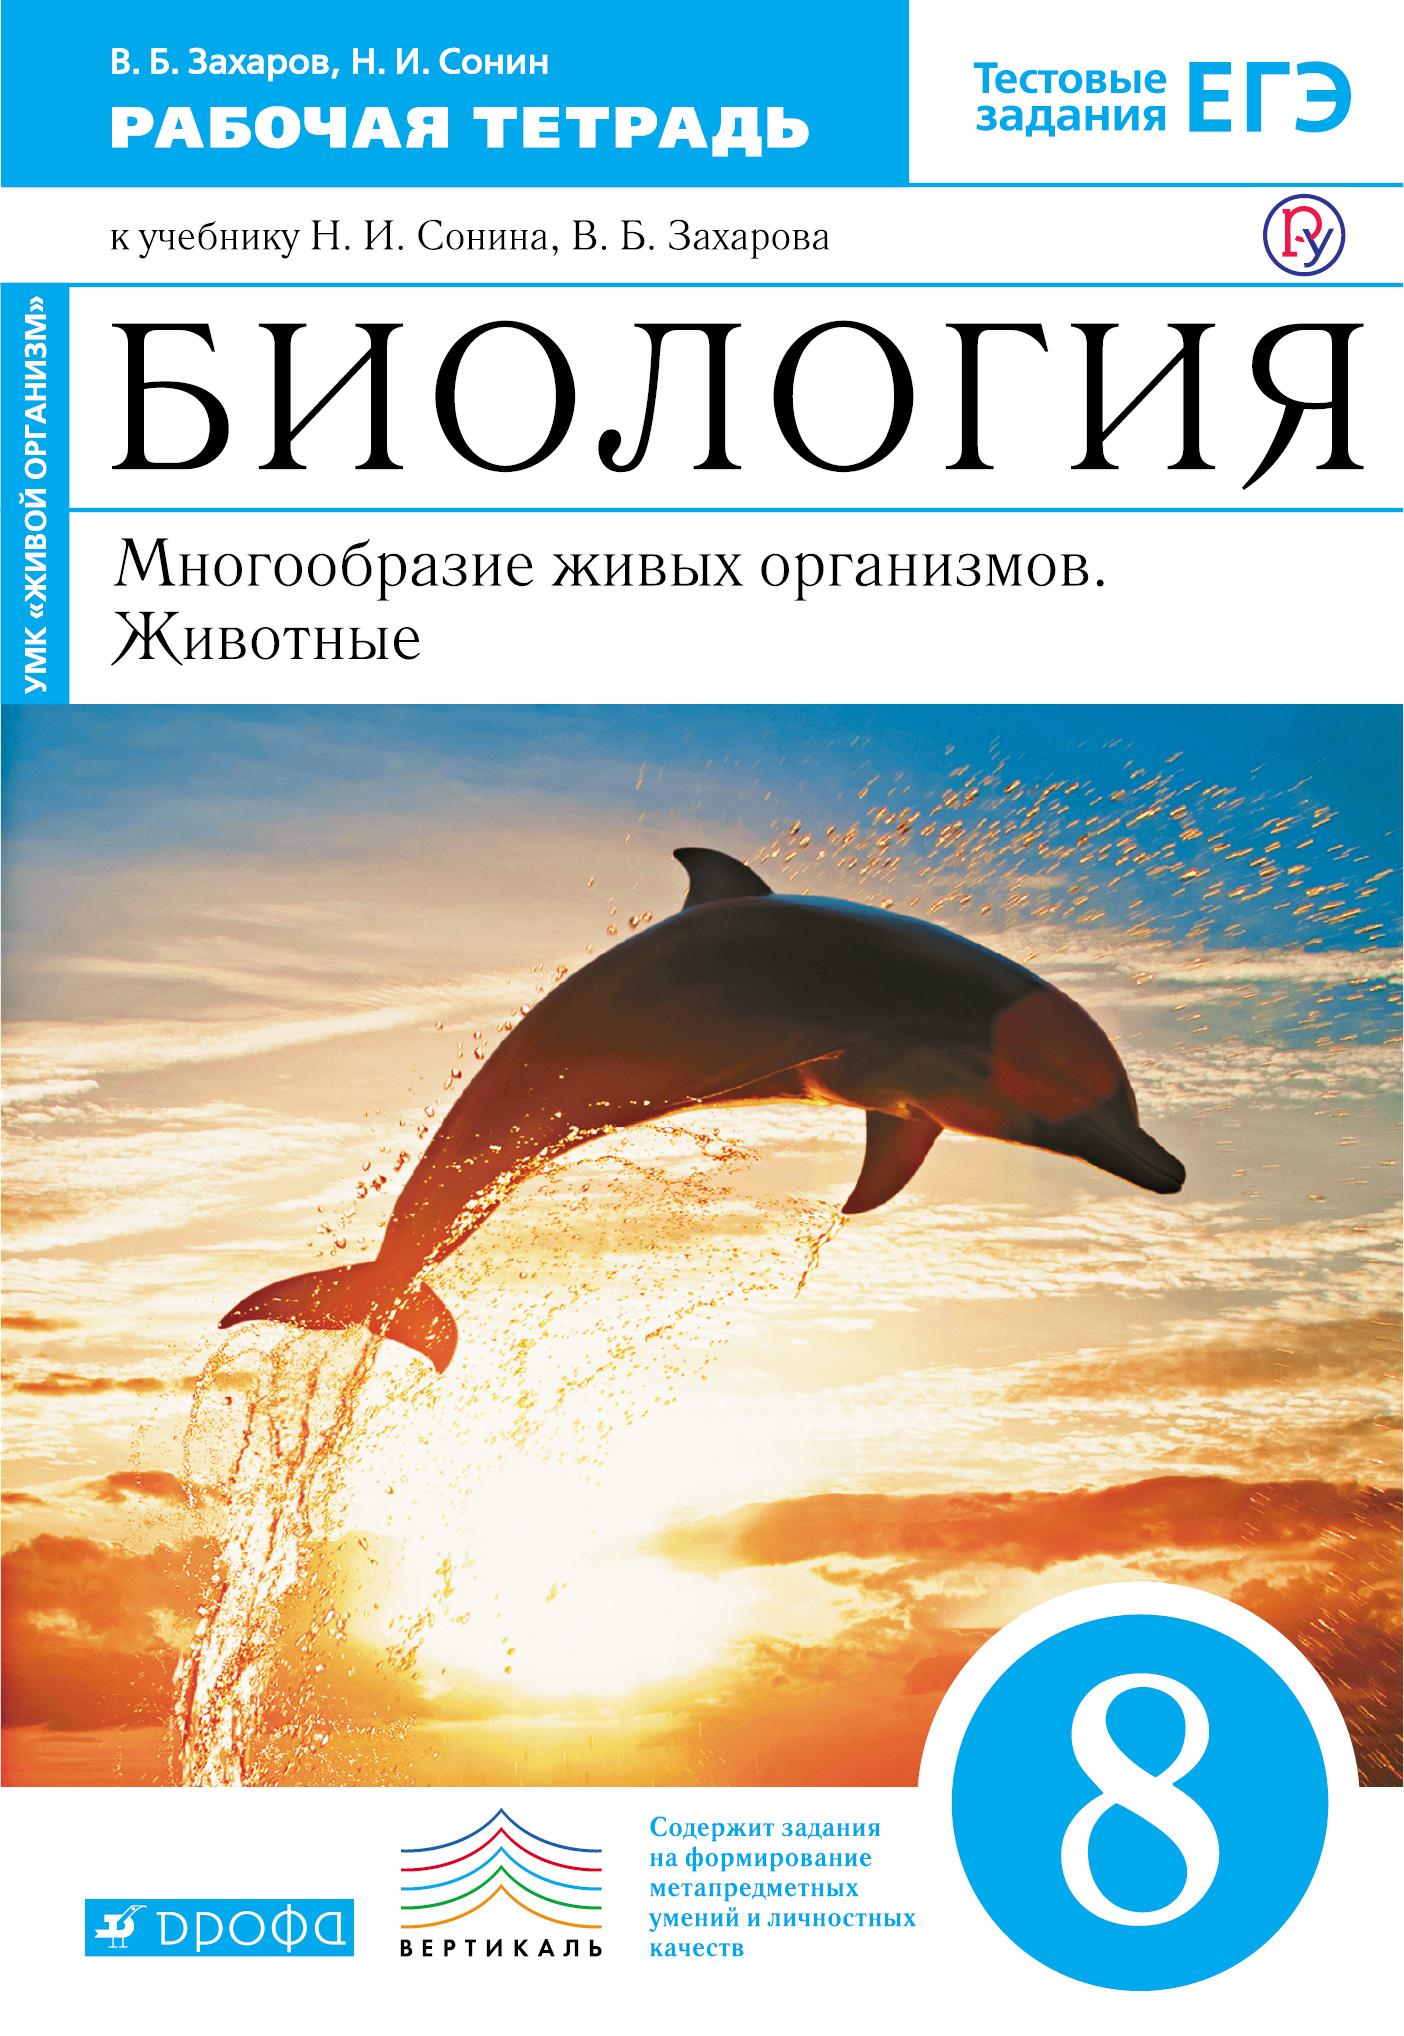 Биология. Многообразие живых организмов. Животные. 8 класс. Рабочая тетрадь